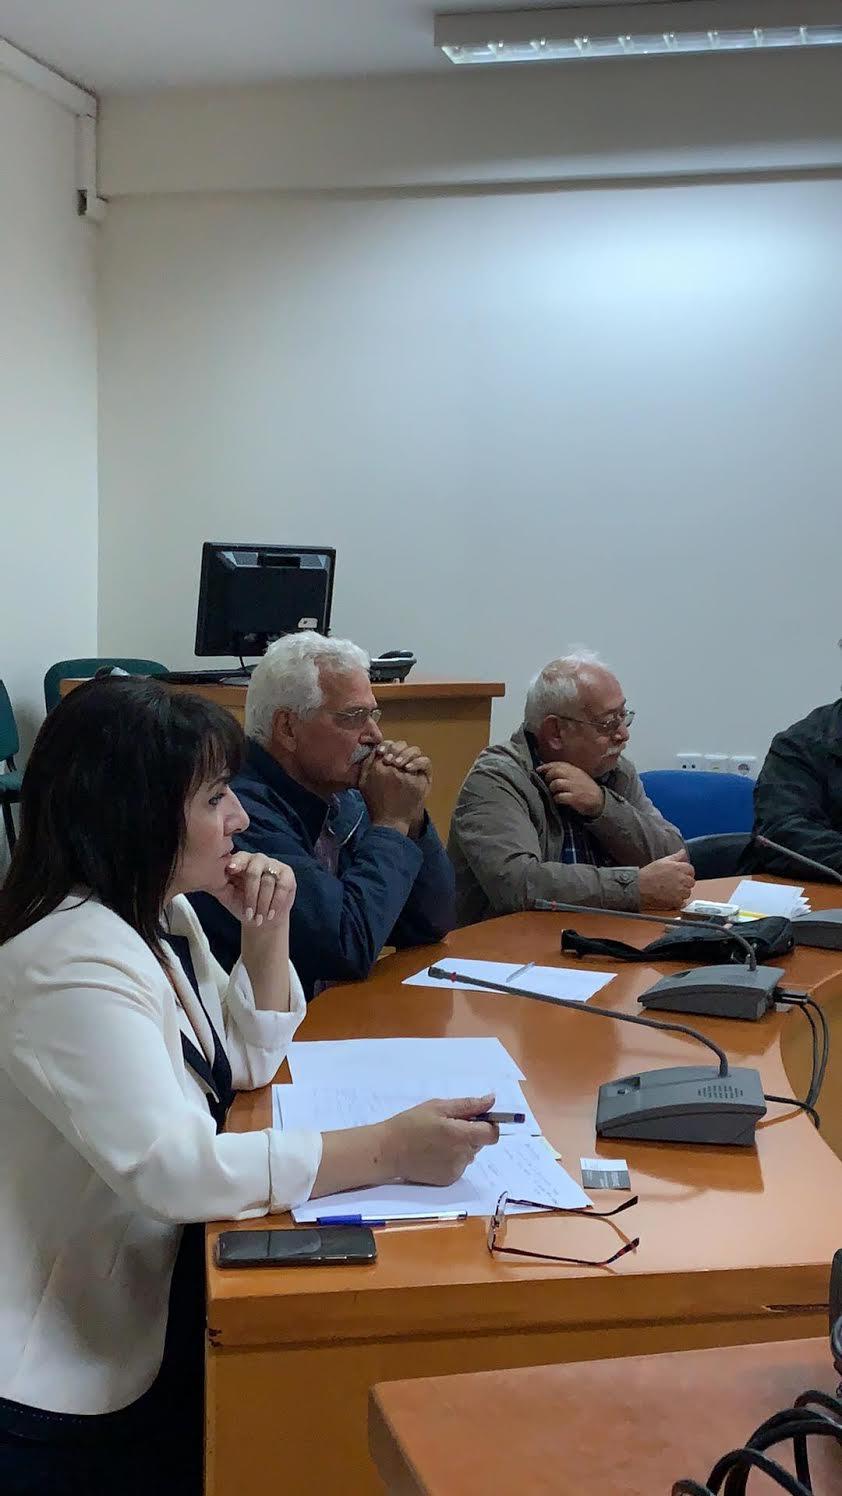 0-6-4 Σύσκεψη για τον πρωτογενή τομέα στο Μαλεβίζι